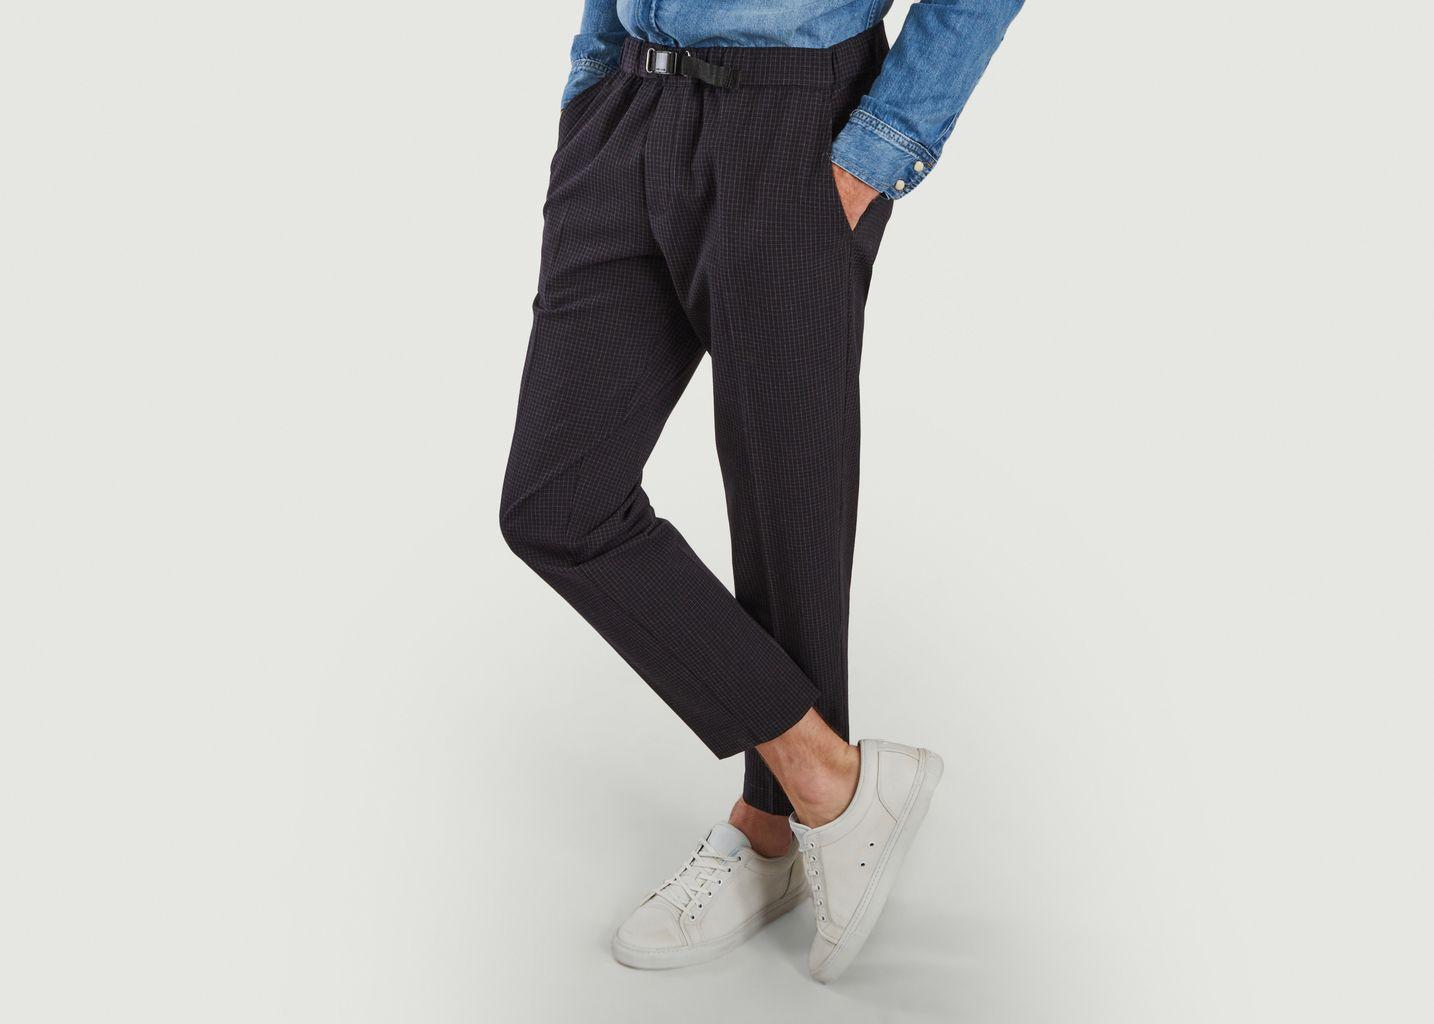 Pantalon Agnar - Samsoe Samsoe